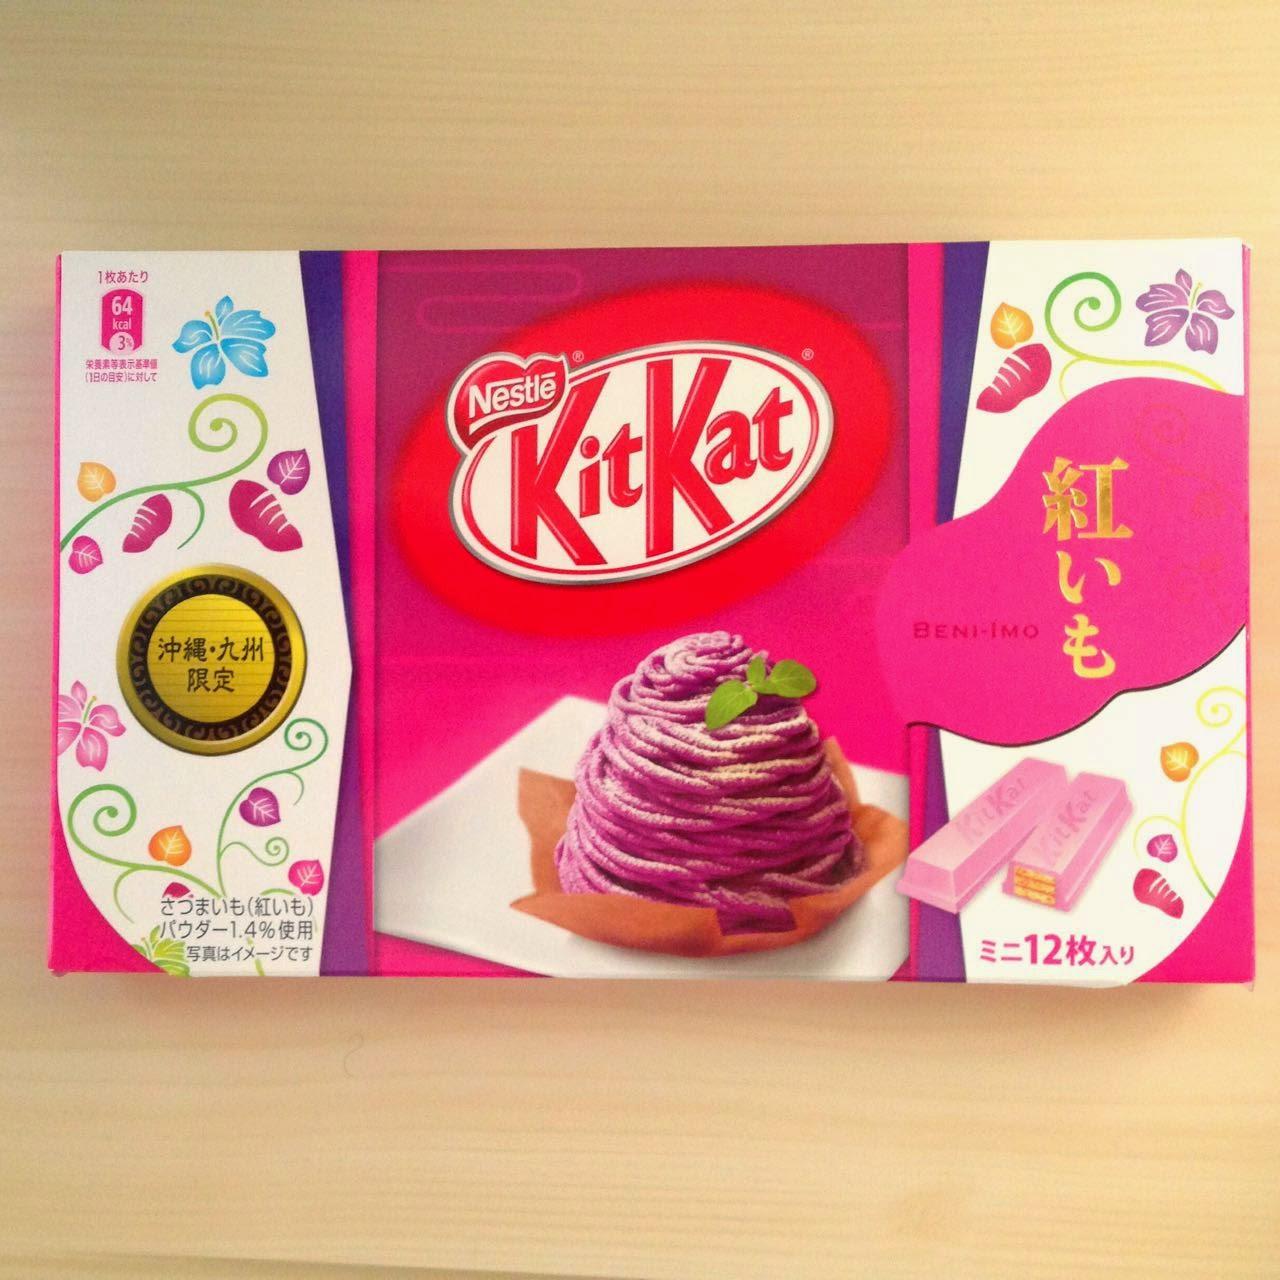 紅芋キットカット , Okinawan Purple Yam KitKat